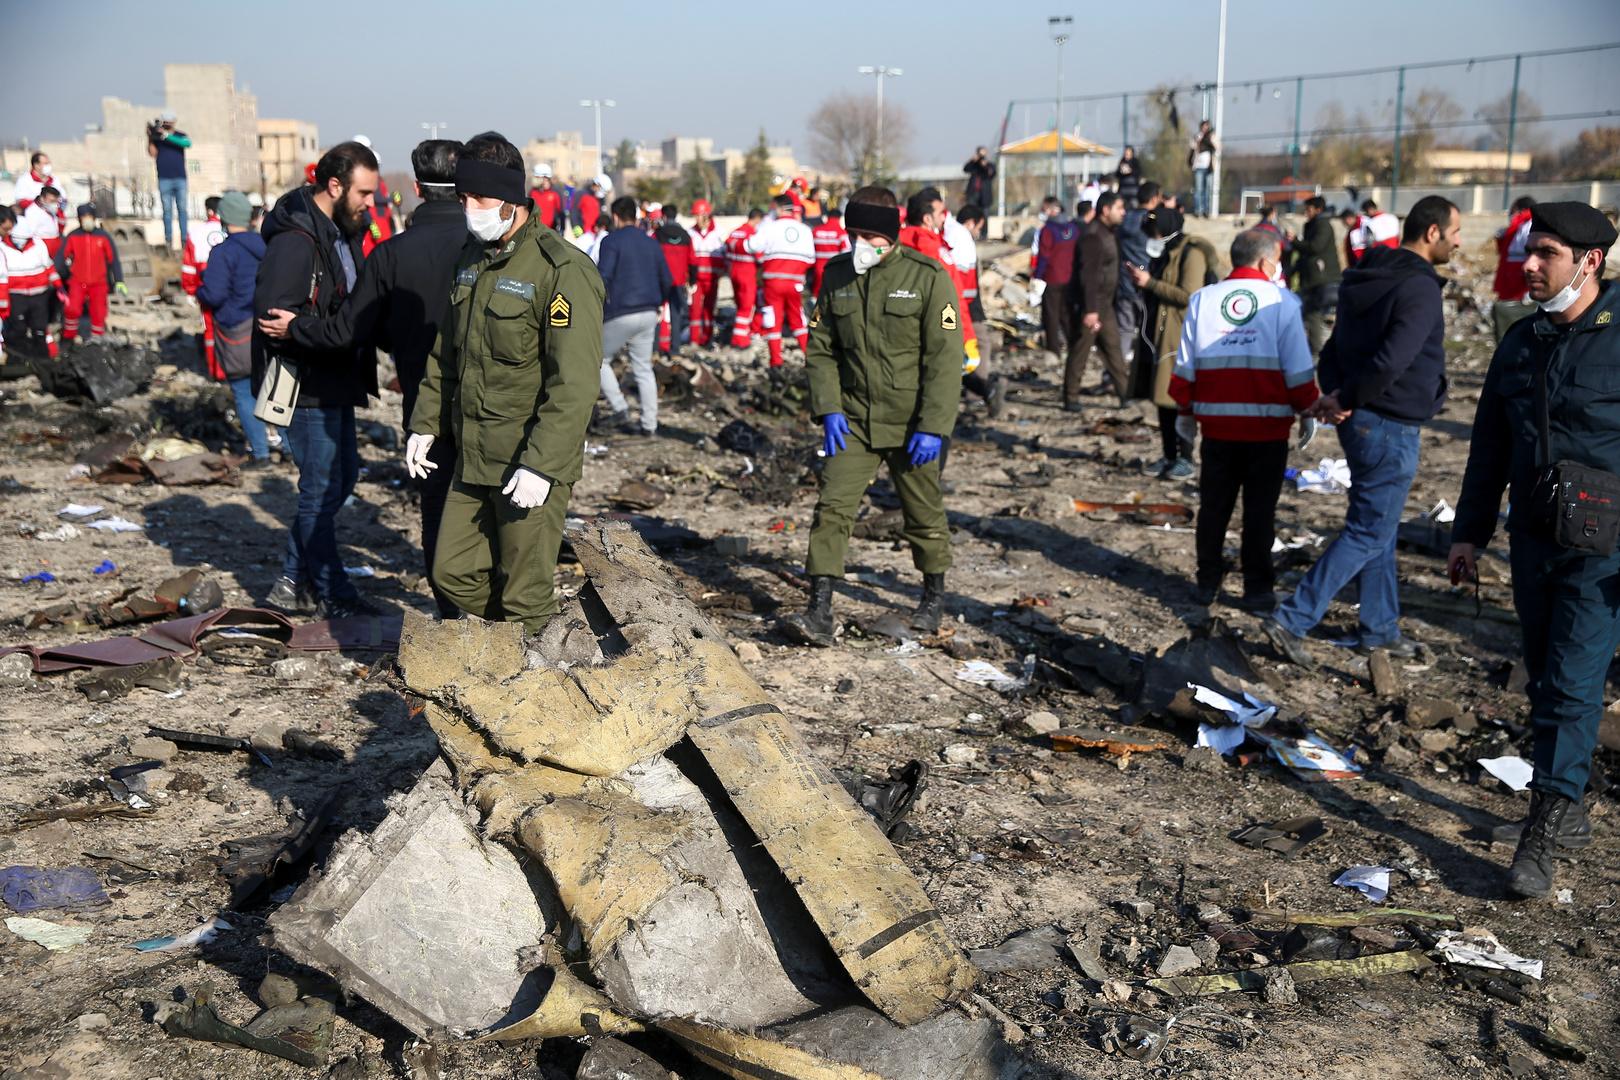 بومبيو: الطائرة الأوكرانية المنكوبة قرب طهران أسقطت على الأرجح بصاروخ إيراني